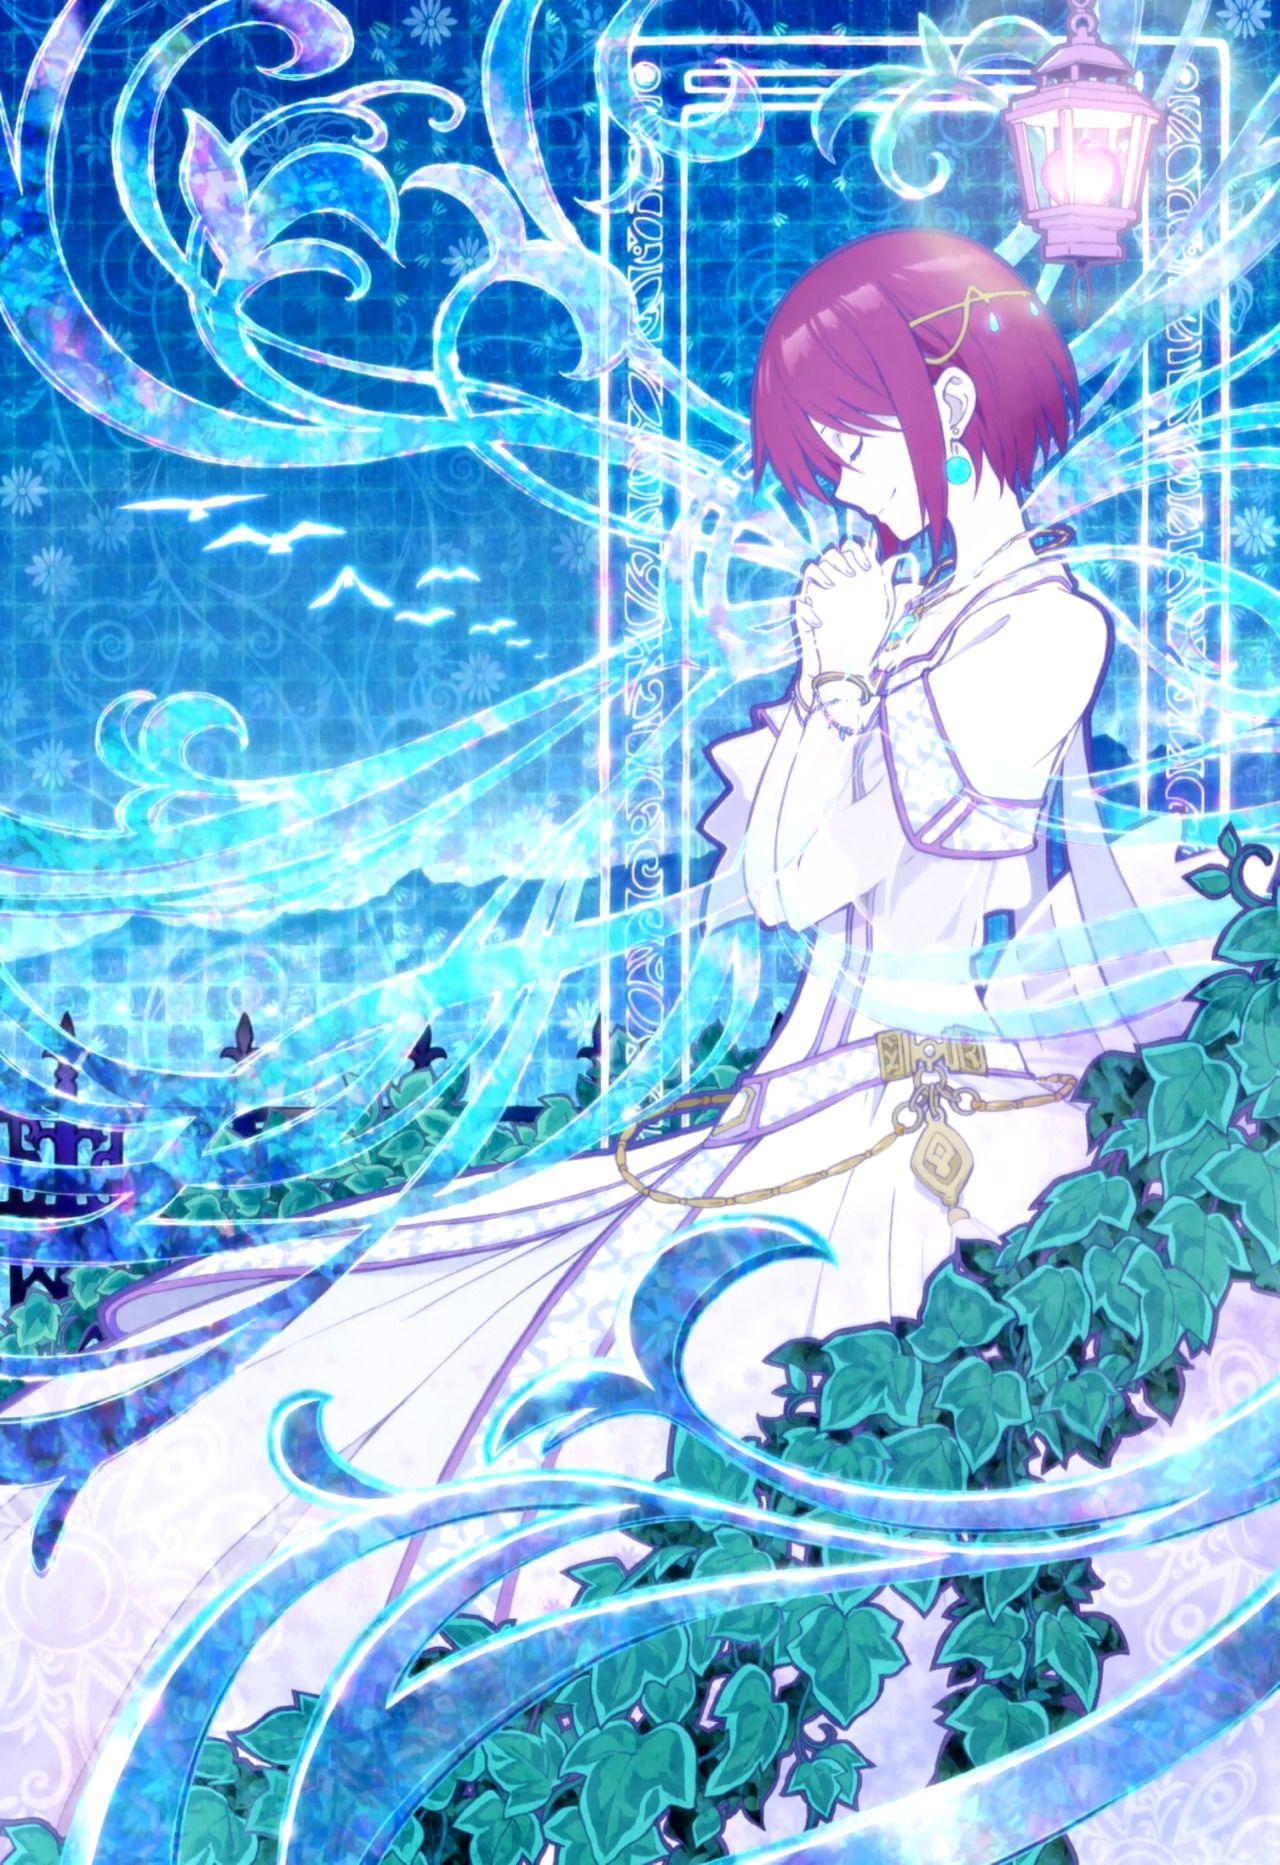 赤髪の白雪姫1期2期アニメ全話をまとめて無料視 …